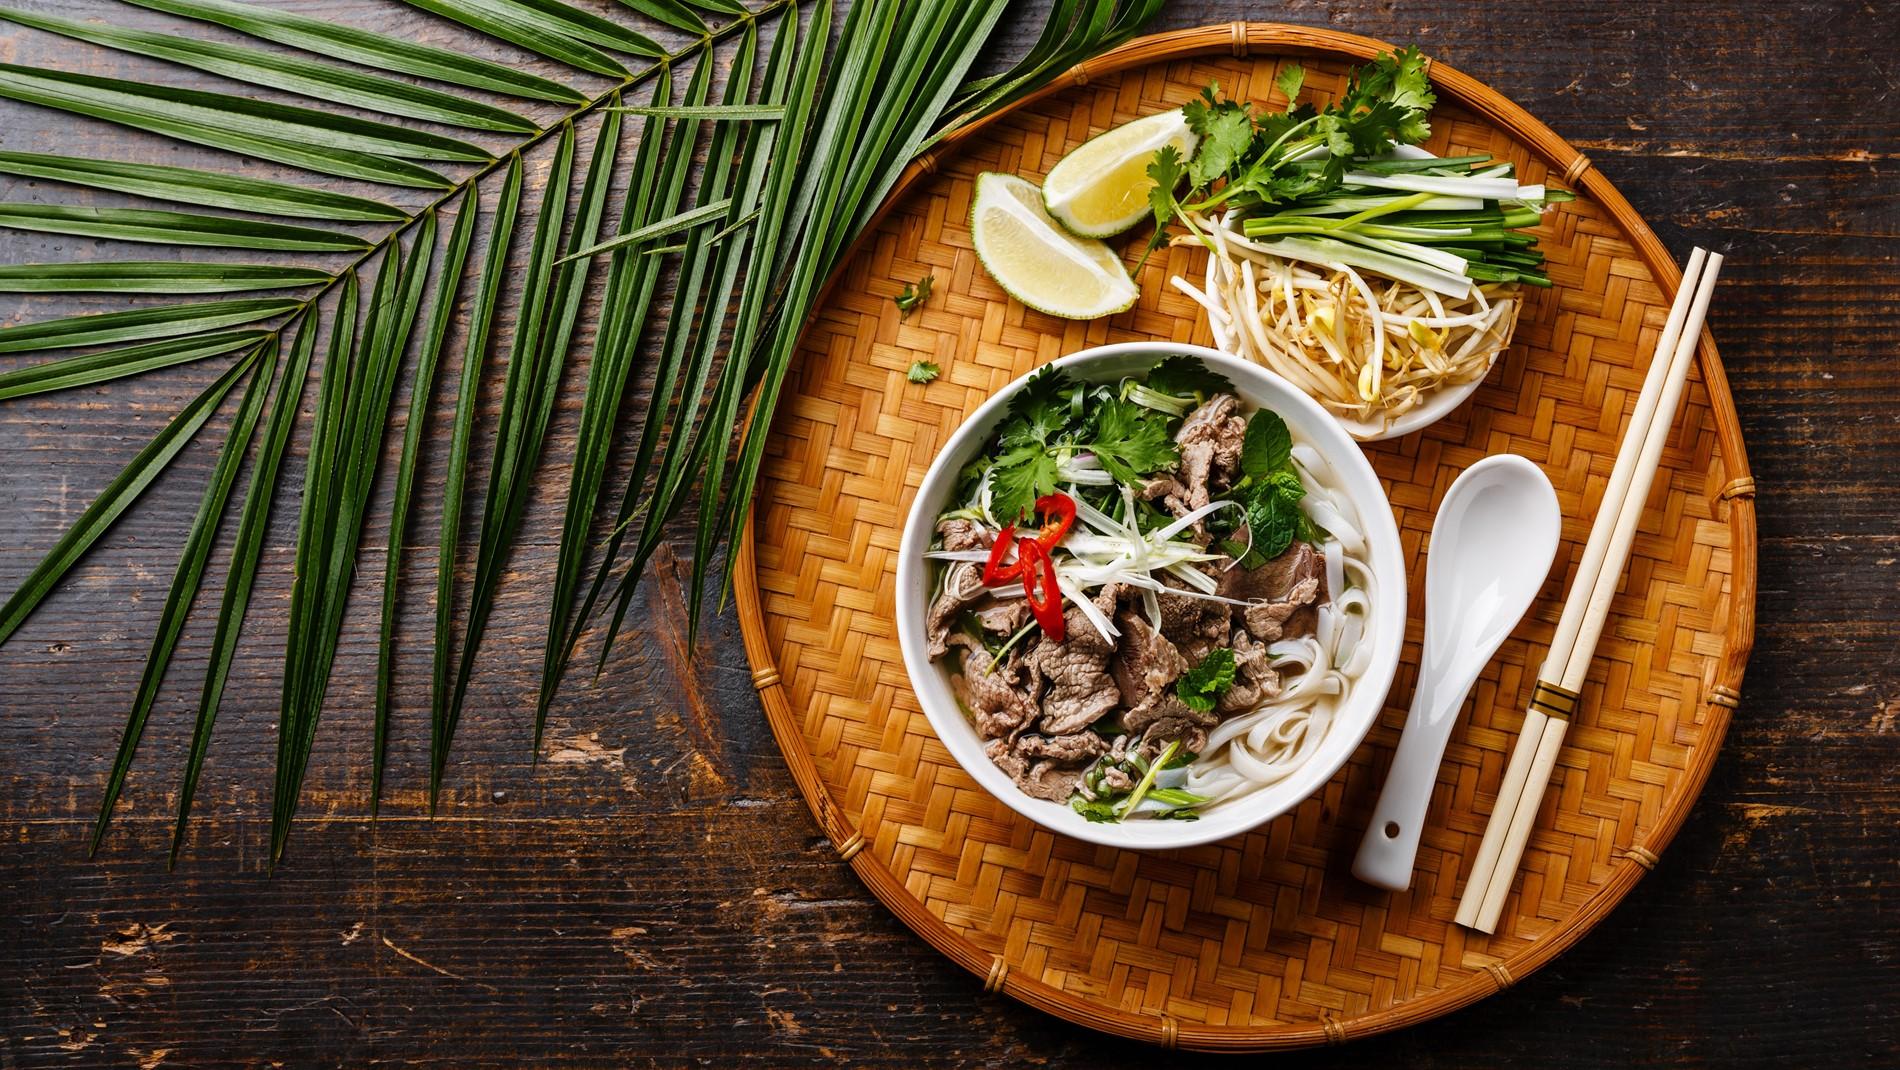 شوربة اللحم مع النودلز على الطريقة الفيتنامية